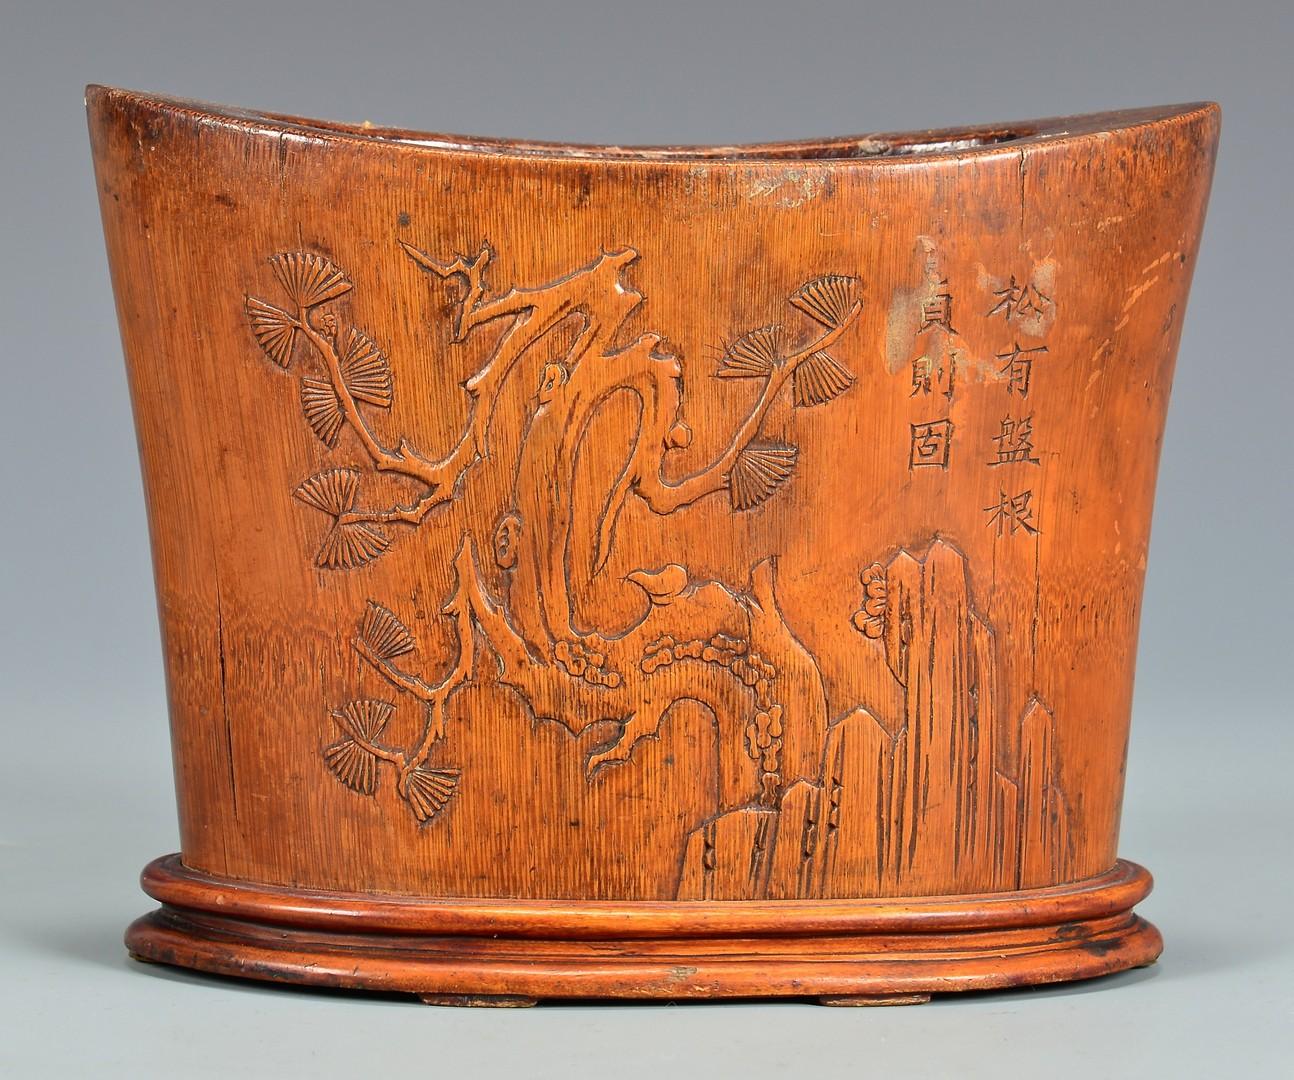 Lot 4010061: Signed Chinese Hardwood Brush Pot